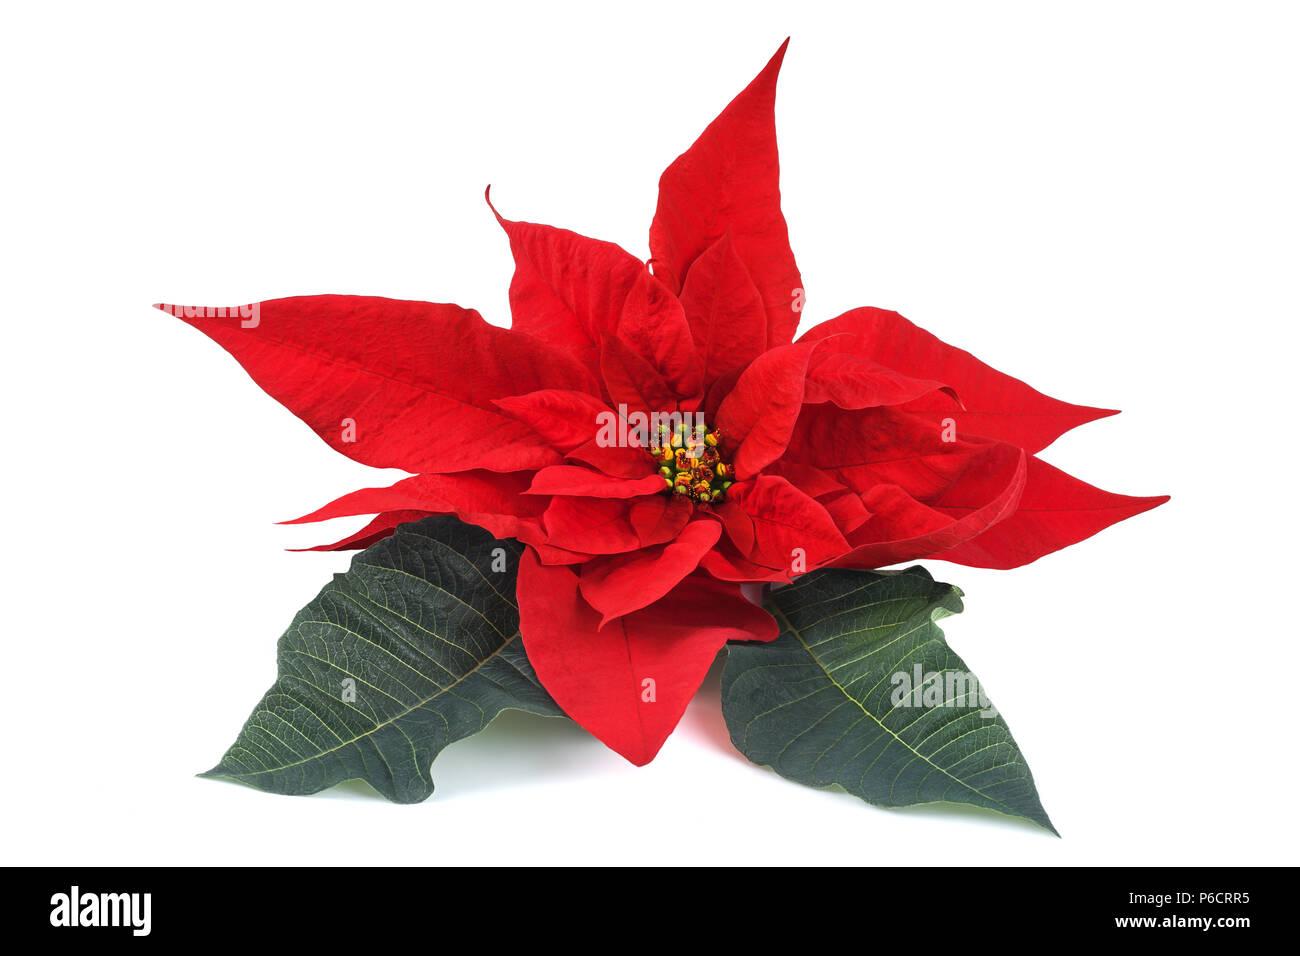 Weihnachtsstern Blume mit verlässt isolierten auf weißen Hintergrund ...